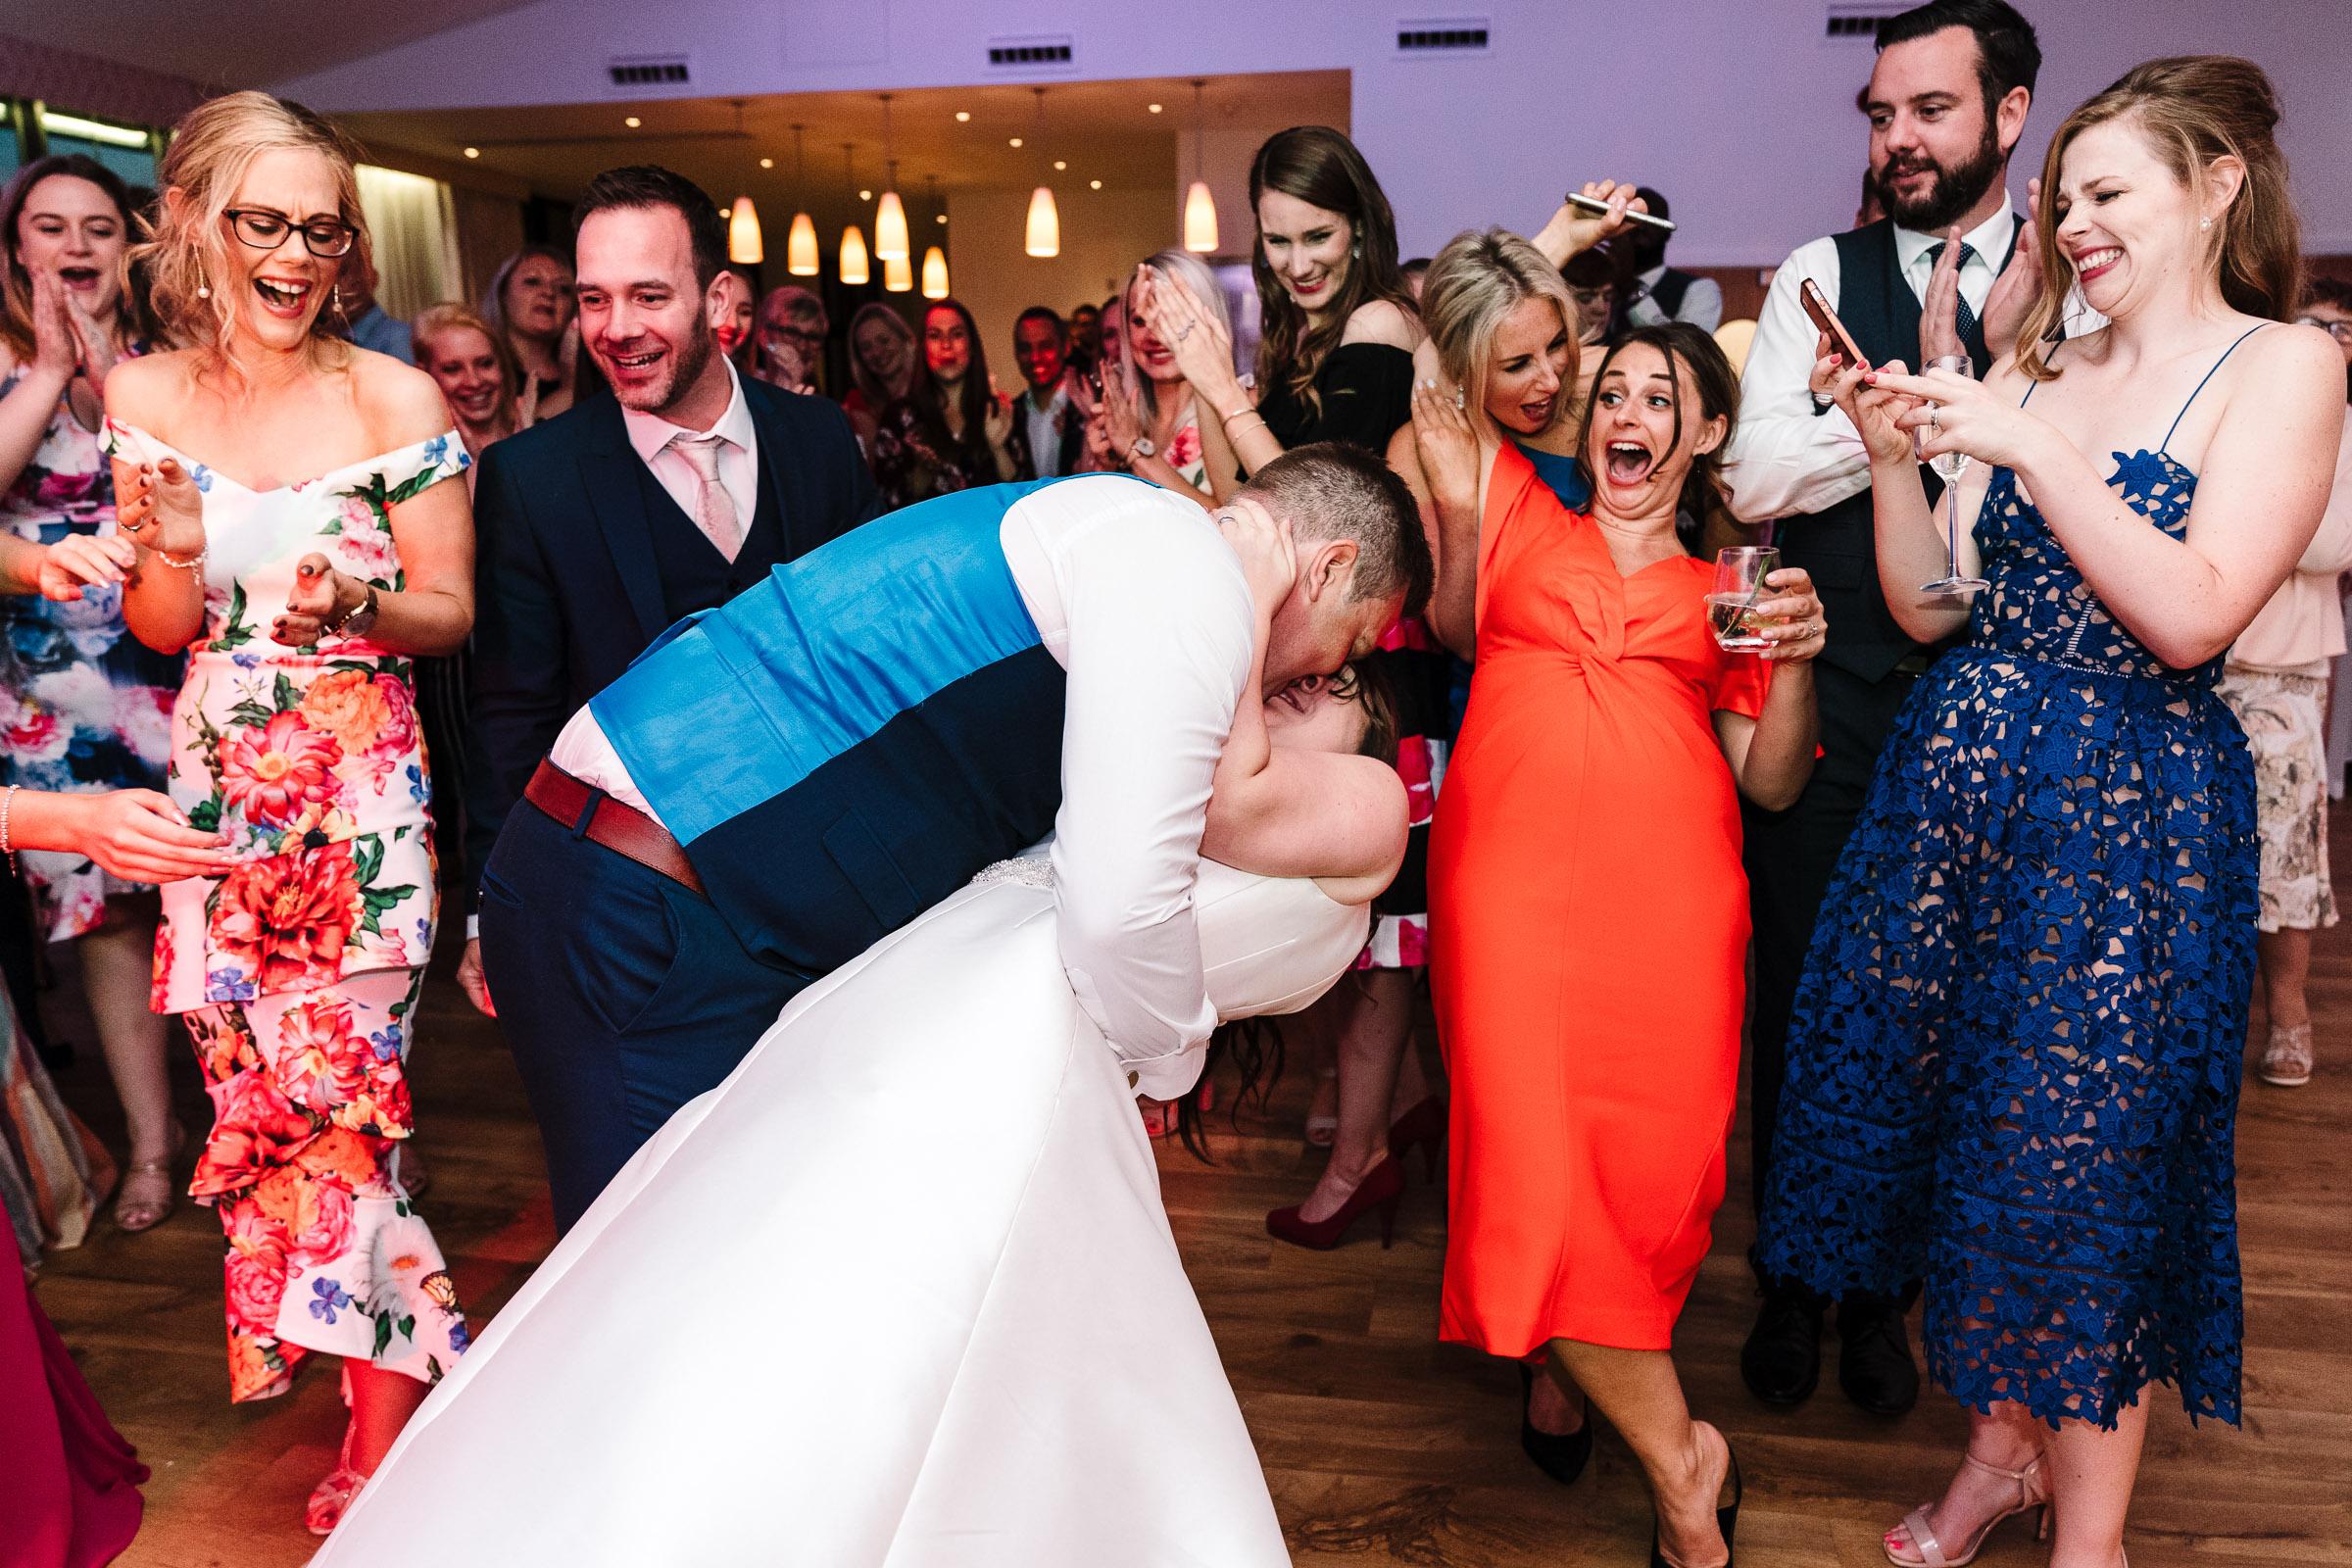 groom kissing bride on dance floor